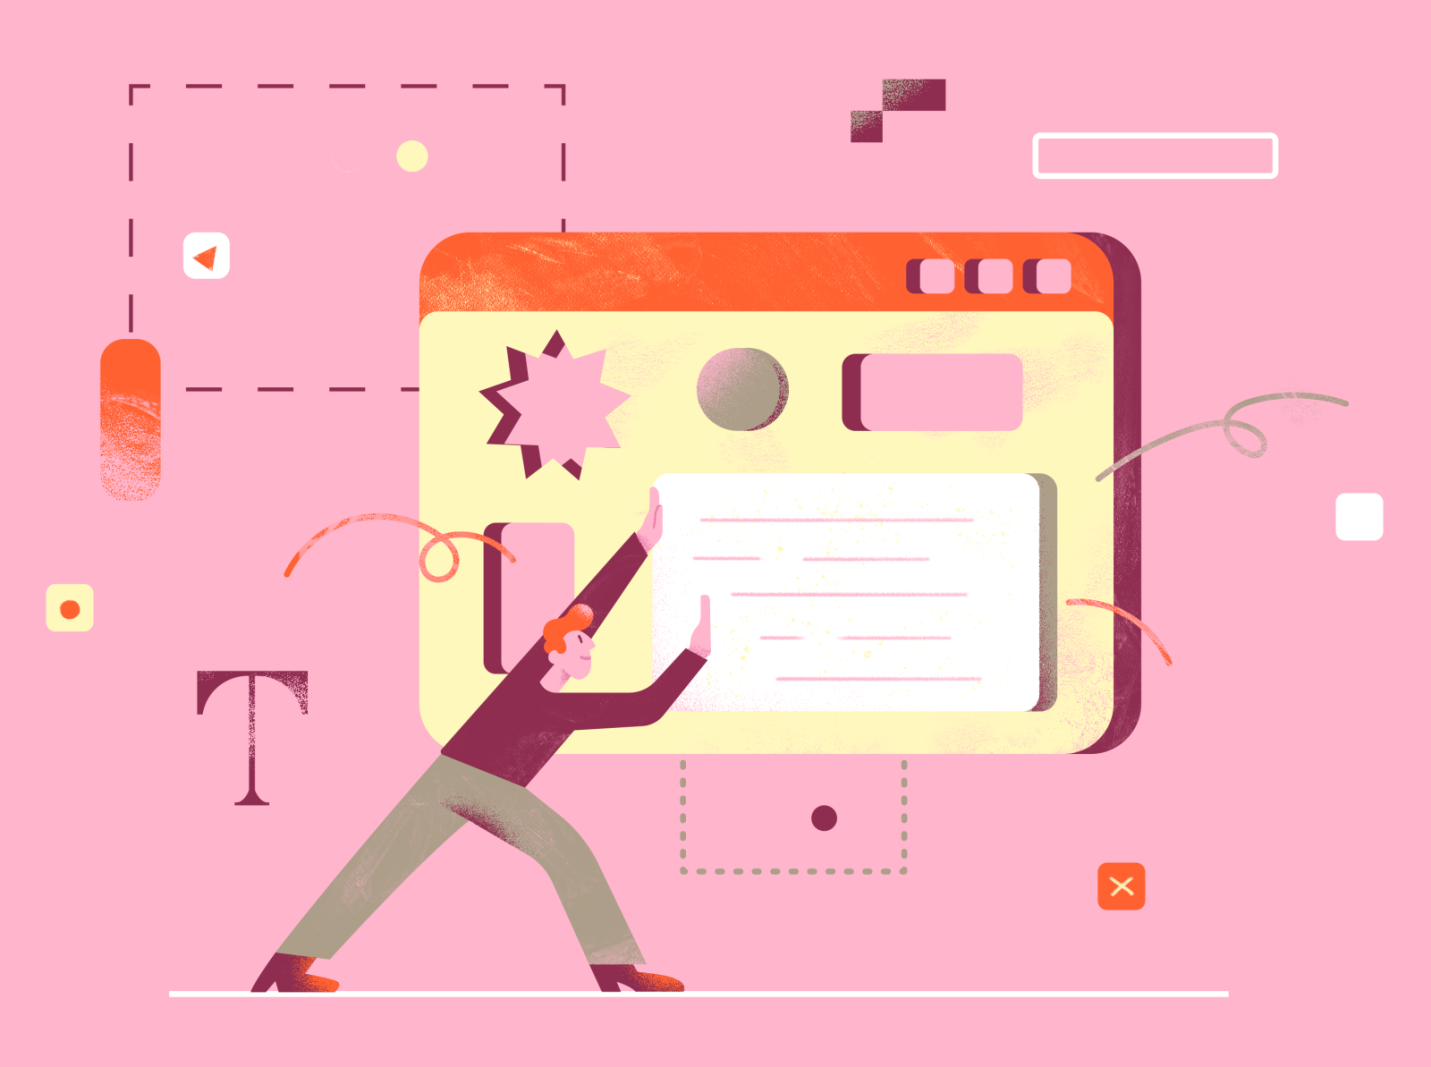 مهارت های مهم طراحی سایت